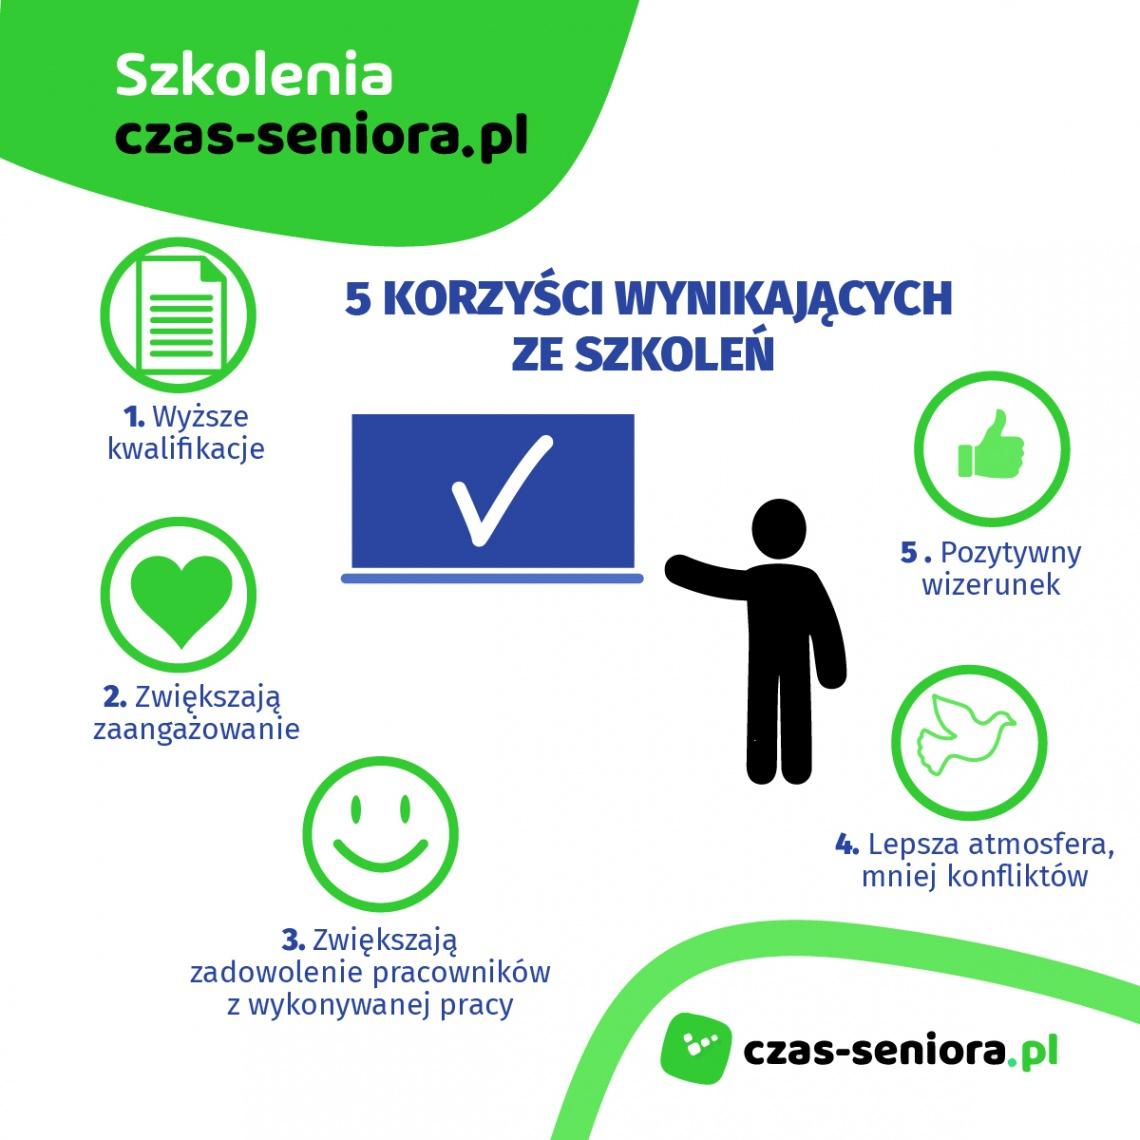 szkolenia pomoc społeczna, szkolenia dla pracowników pomocy społecznej, szkolenia dla placówek pomocowych, pracownicy pomocy społecznej, szkolenia dla ośrodków pomocy społecznej,